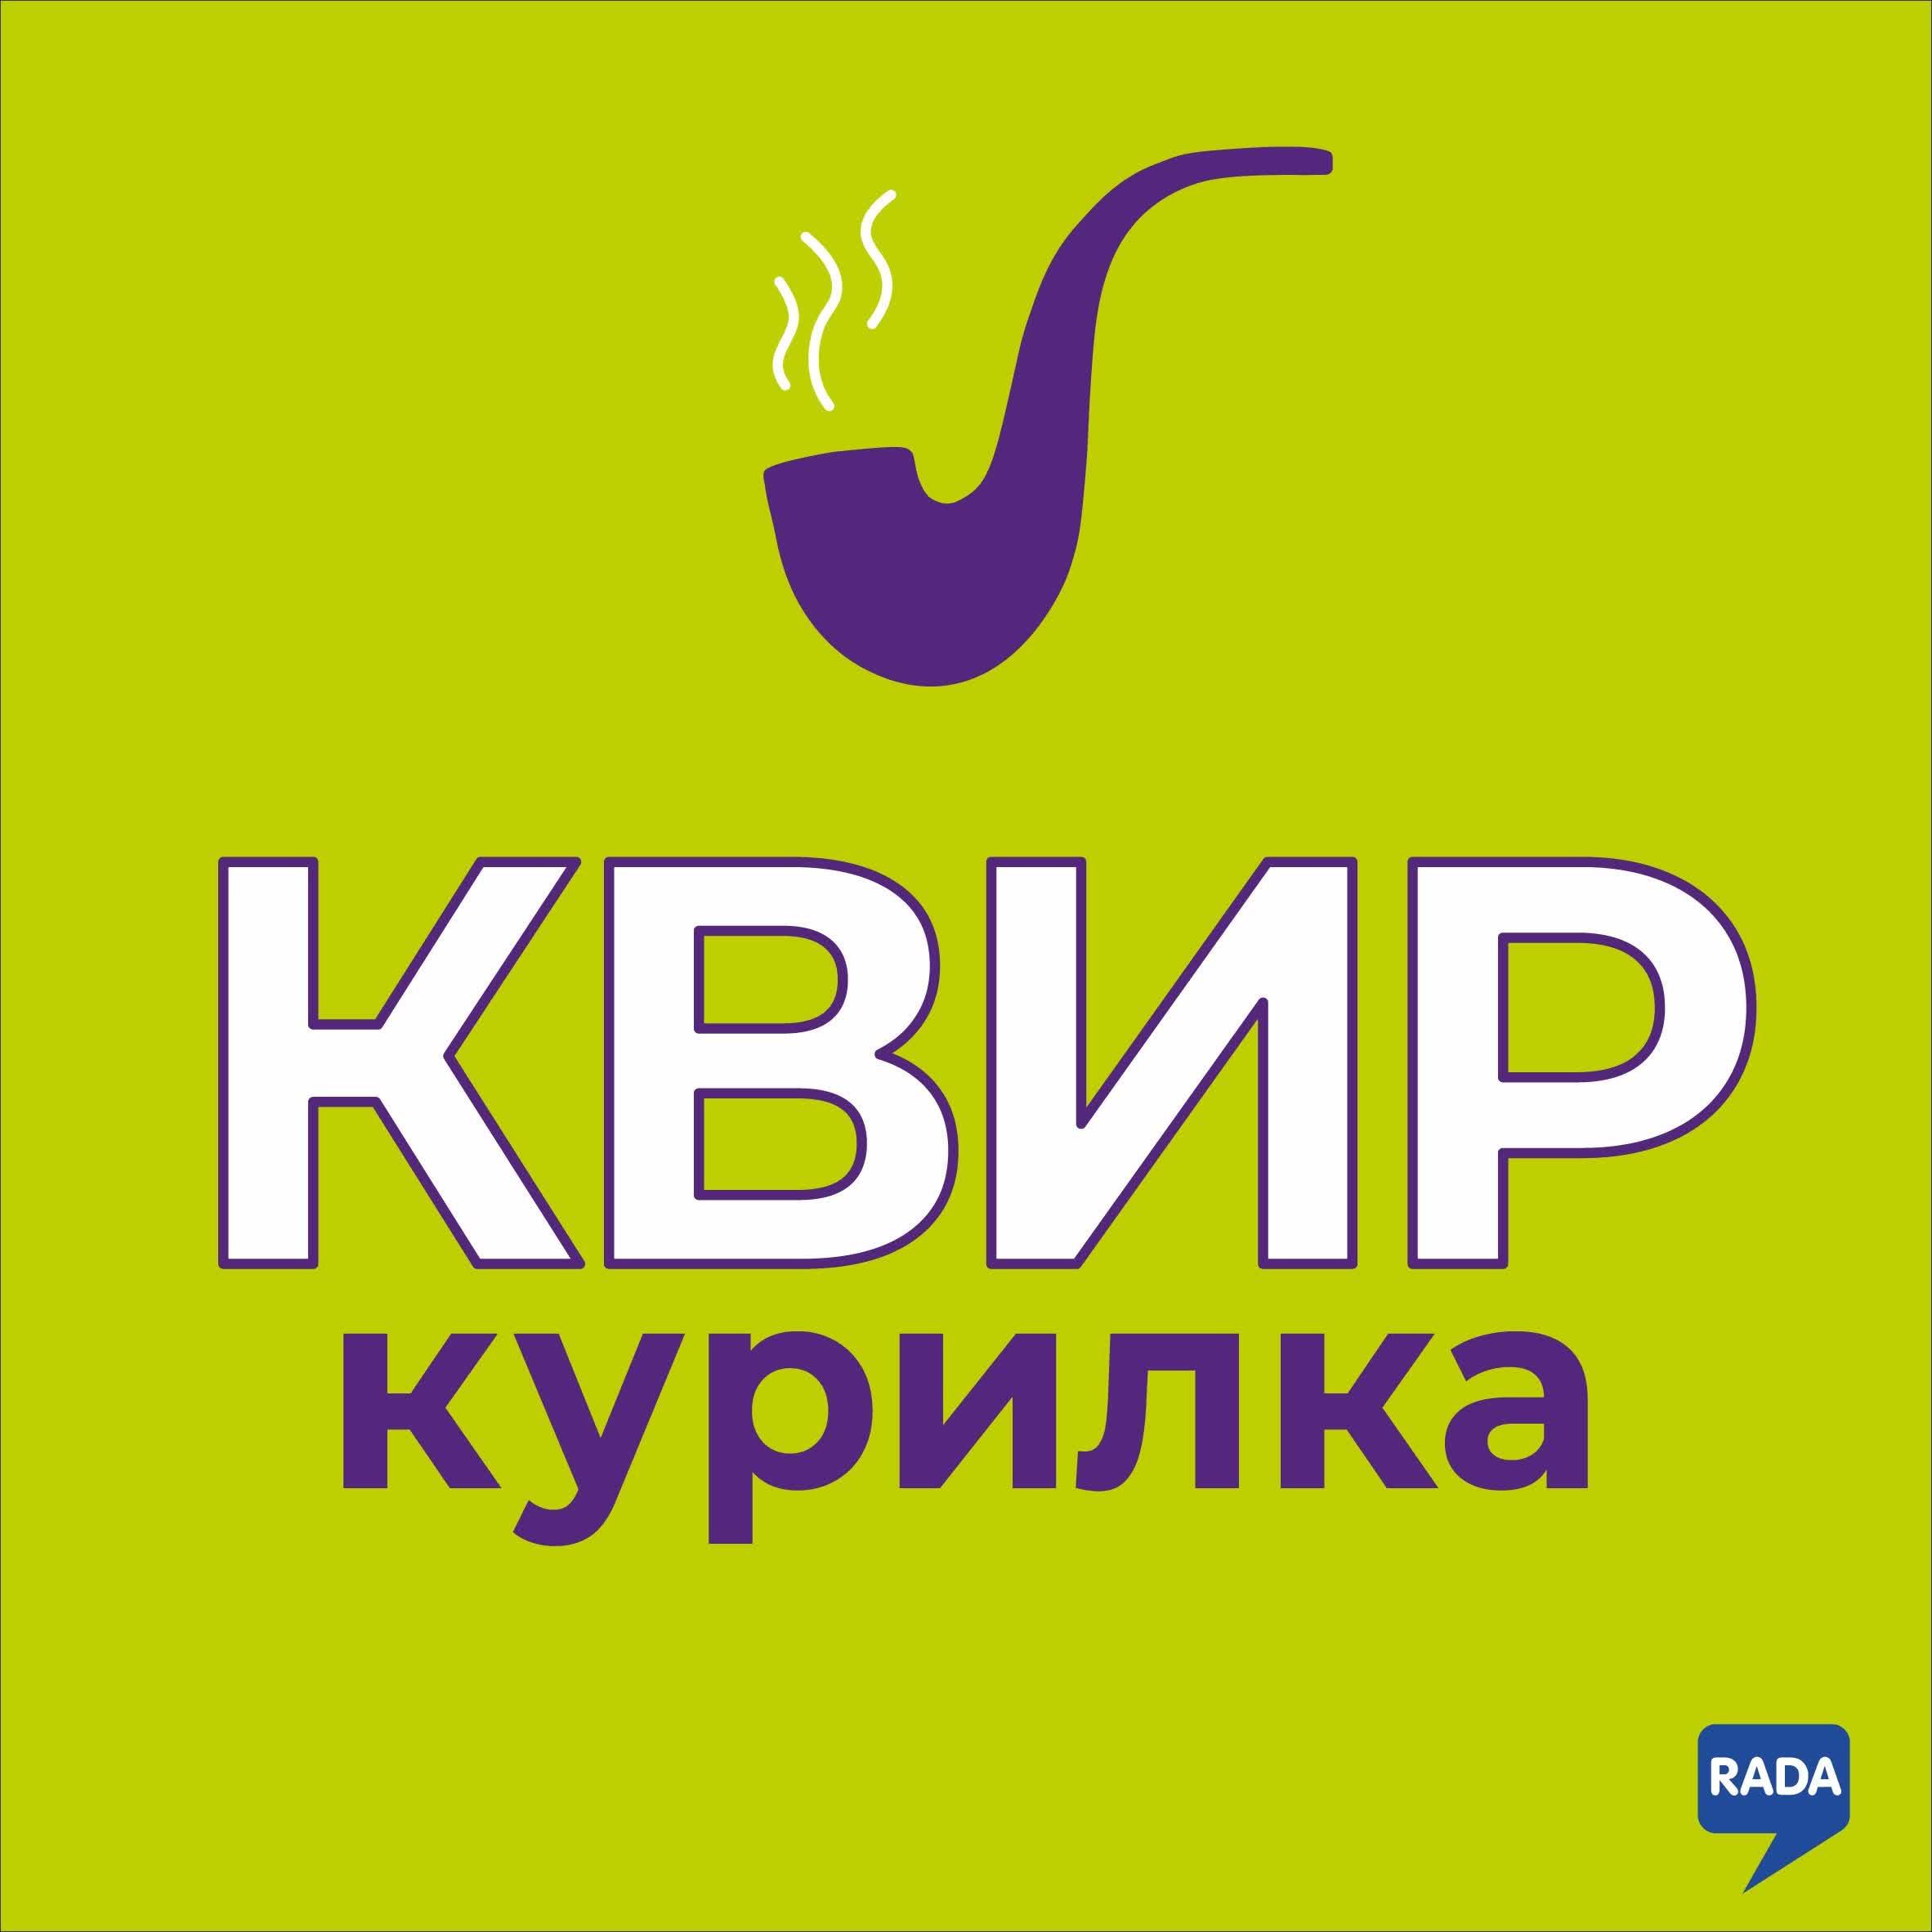 КВИР КУРИЛКА